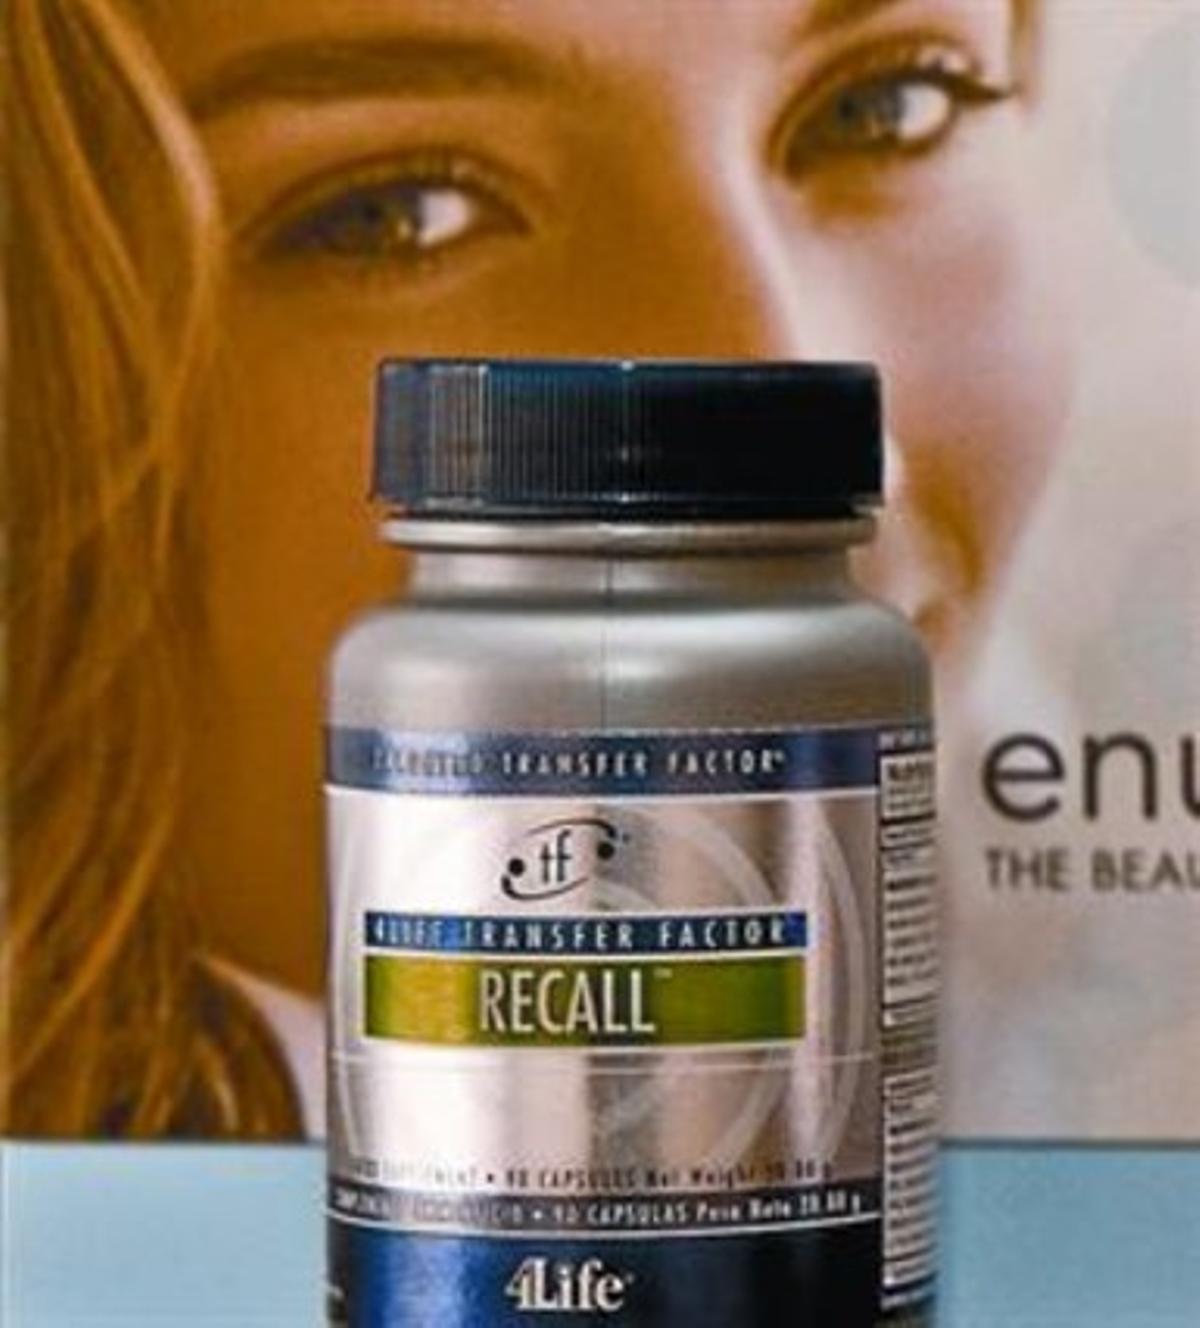 Un bote de pastillas Recall, de 4Life, prohibidas por Sanidad.